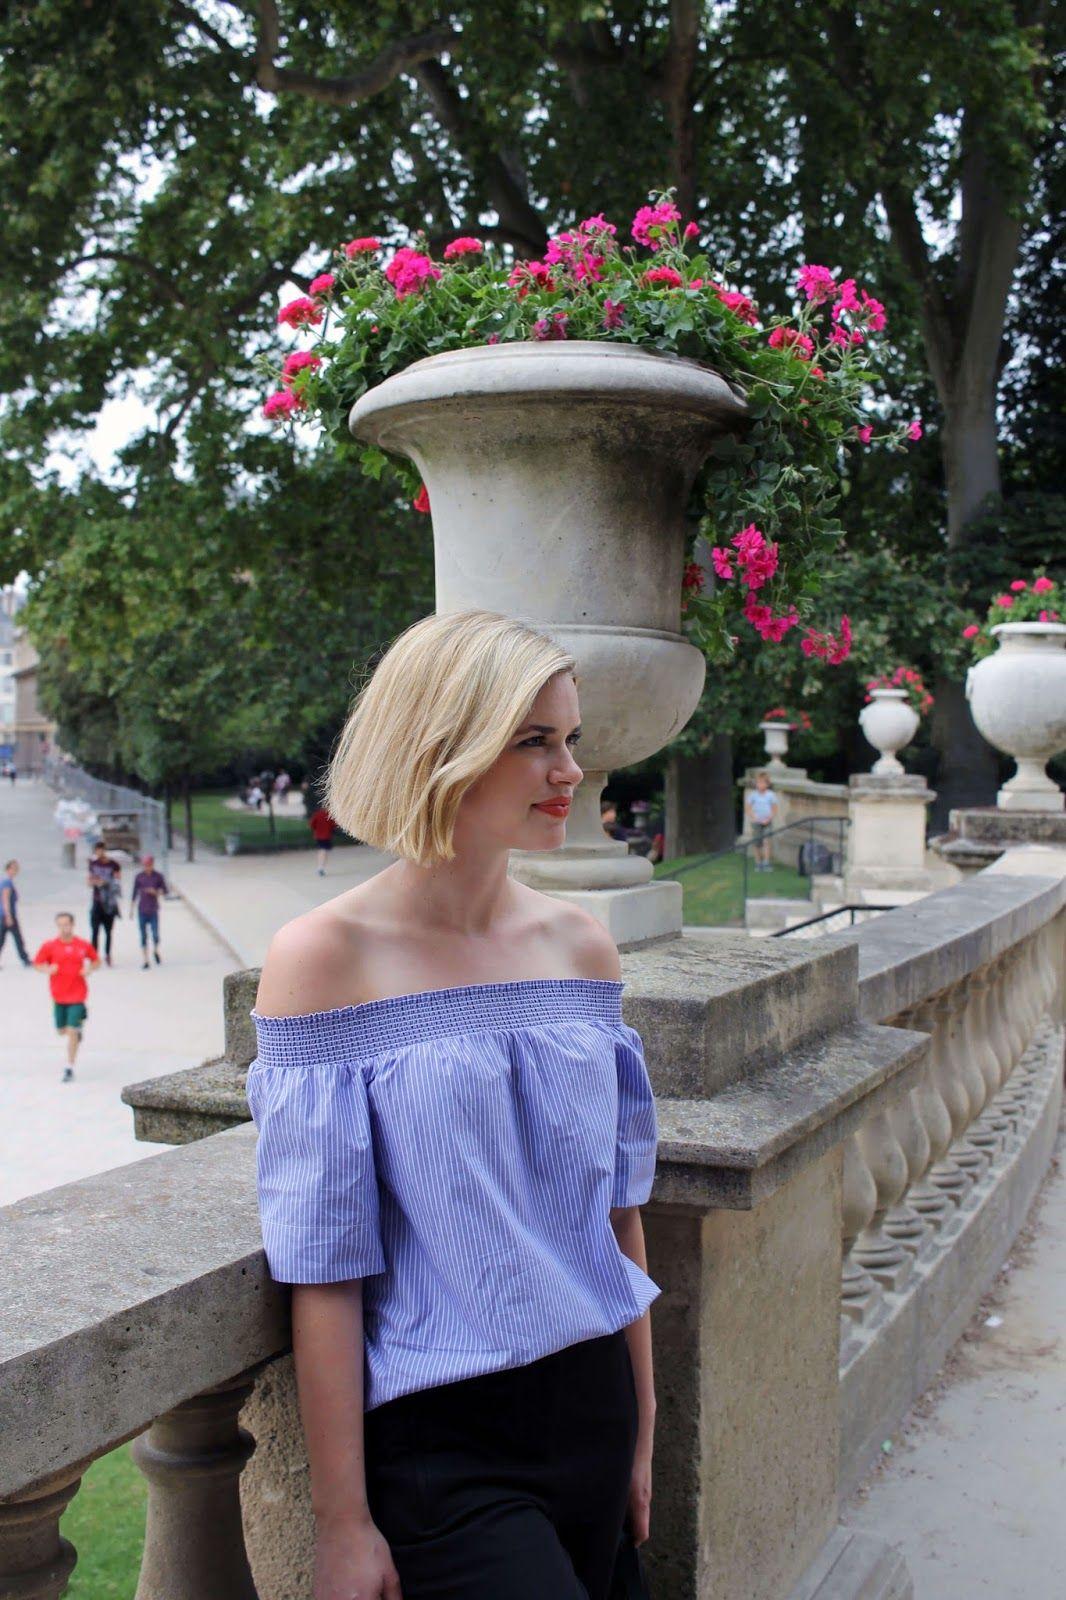 Jardin du luxembourg in august women off shoulder